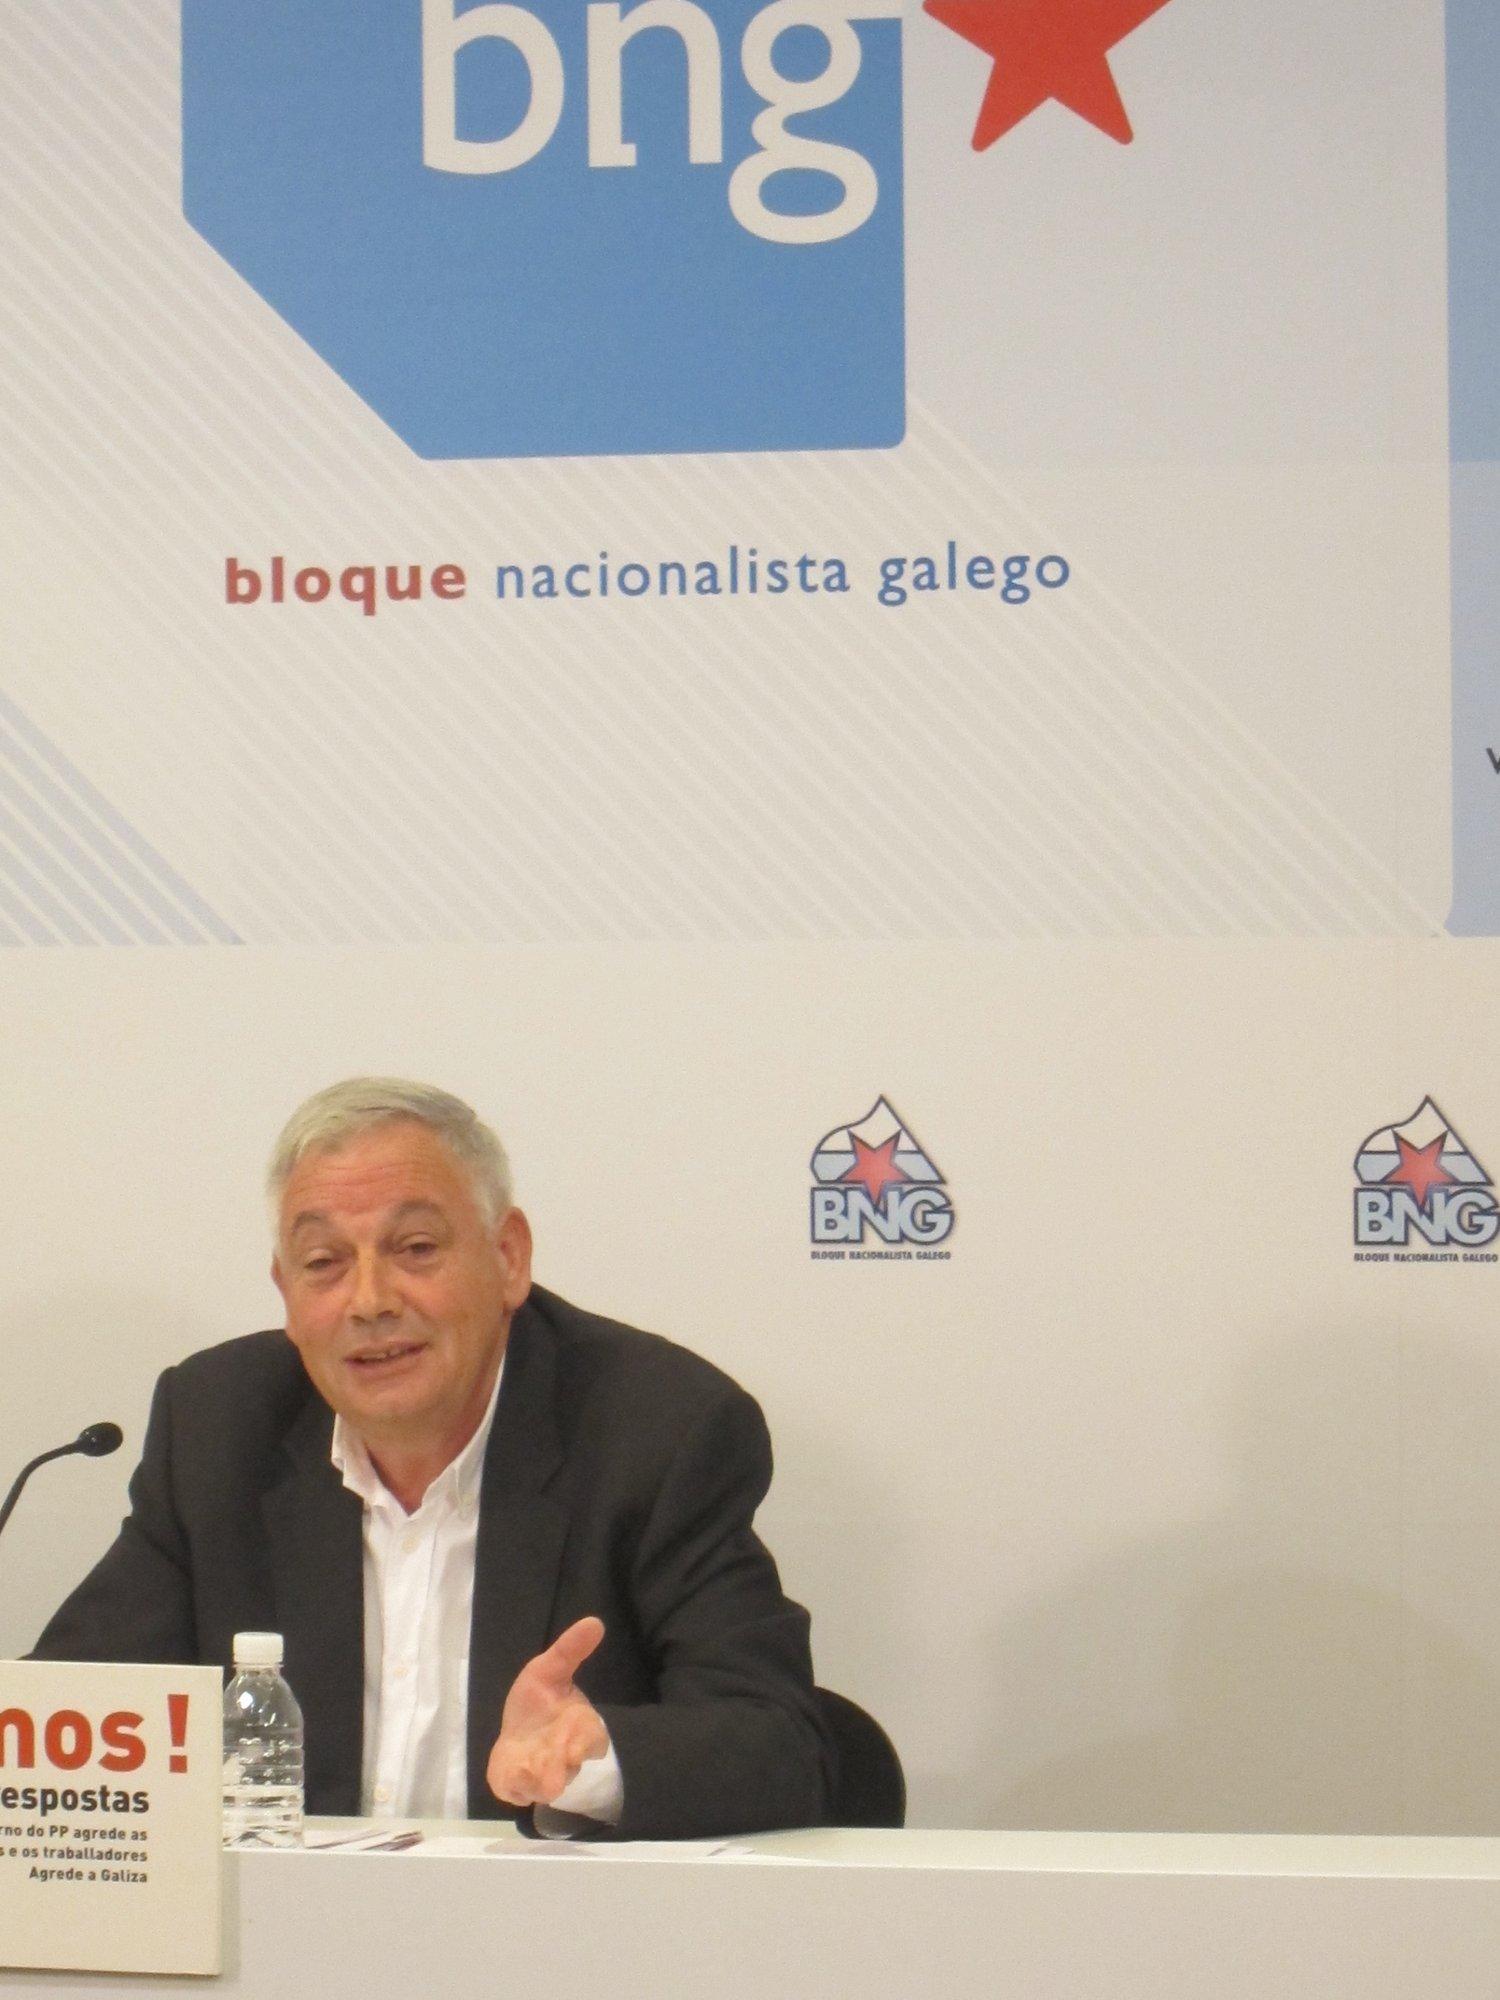 Guillerme Vázquez pide «un cambio de rumbo» ante políticas que llevan al tejido económico a «un callejón sin salida»